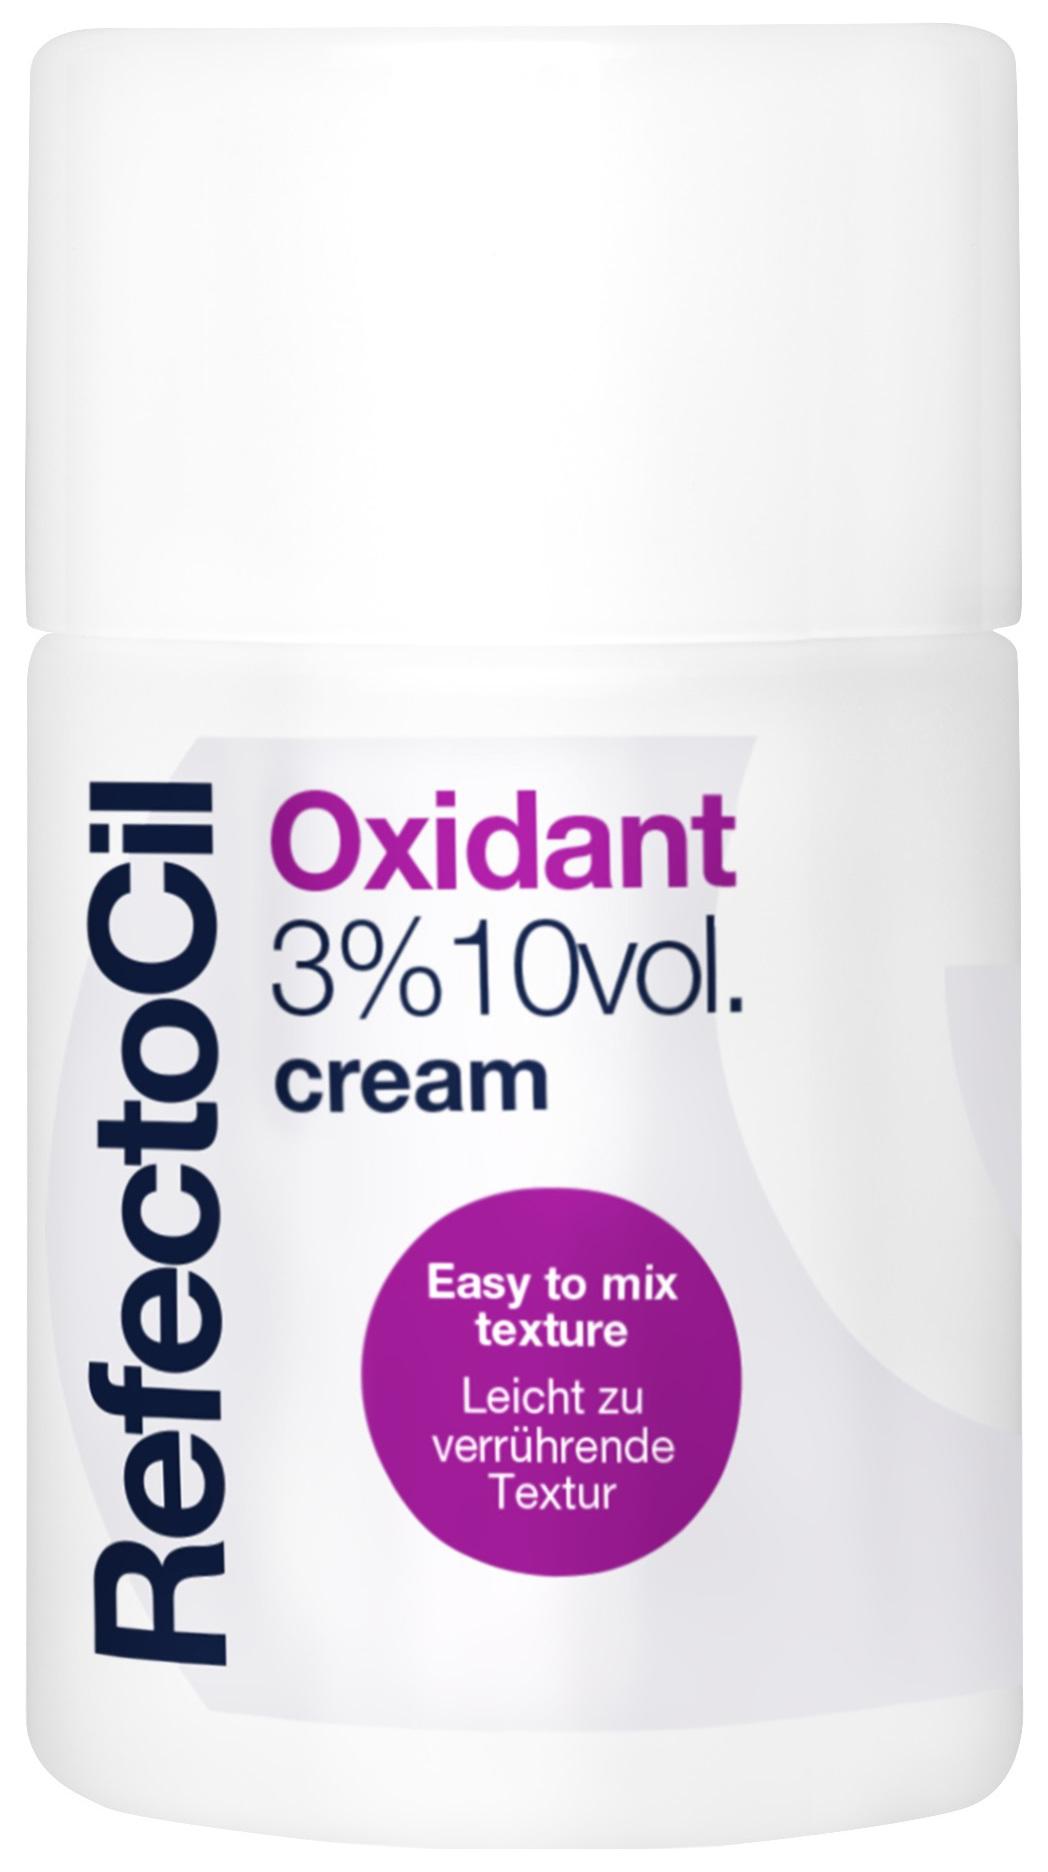 Оксидант RefectoCil Oxidant cream 3% 10 vol